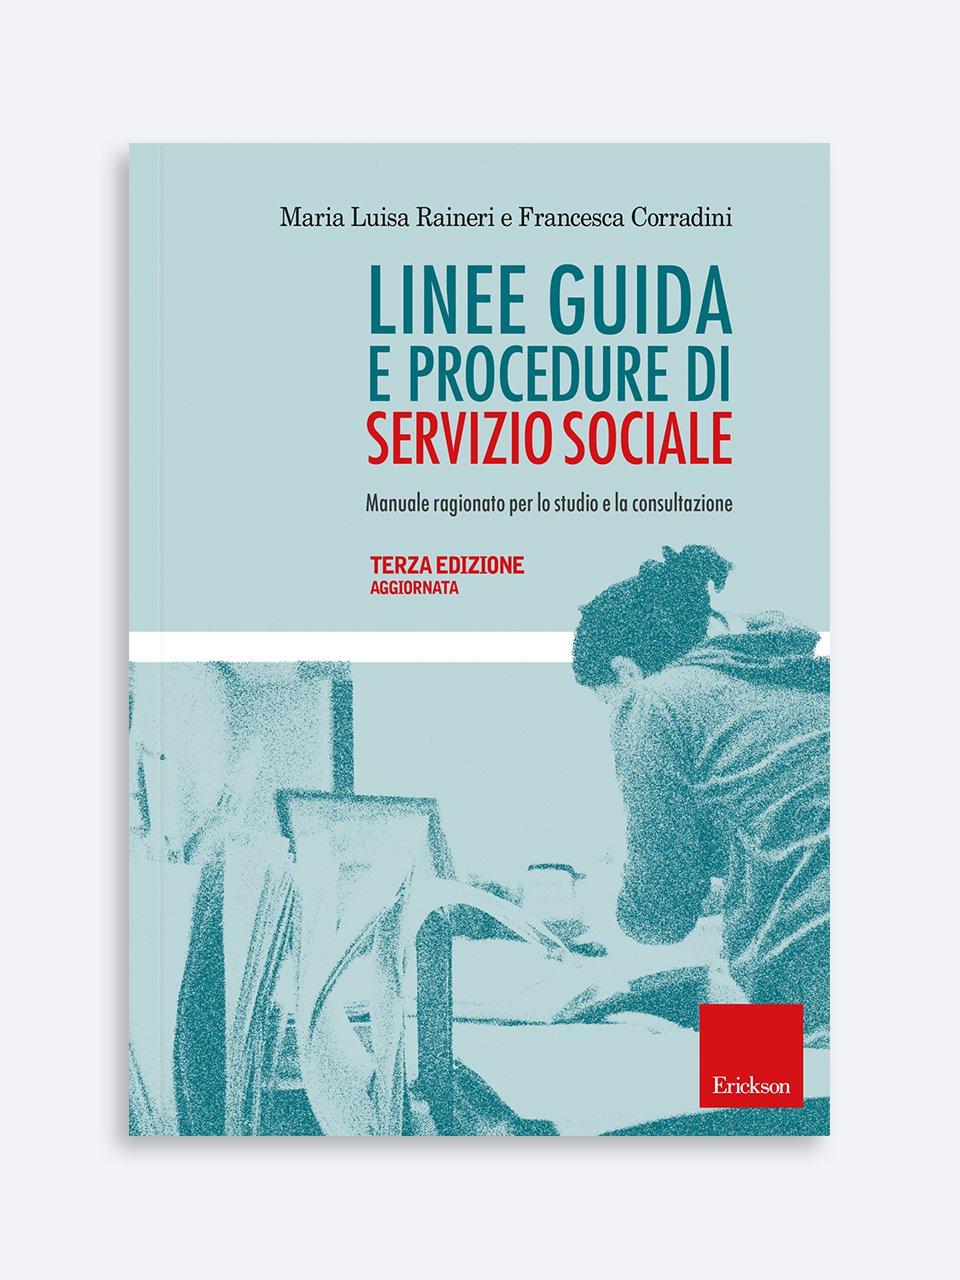 Linee guida e procedure di servizio sociale - Erickson: libri e formazione per didattica, psicologia e sociale